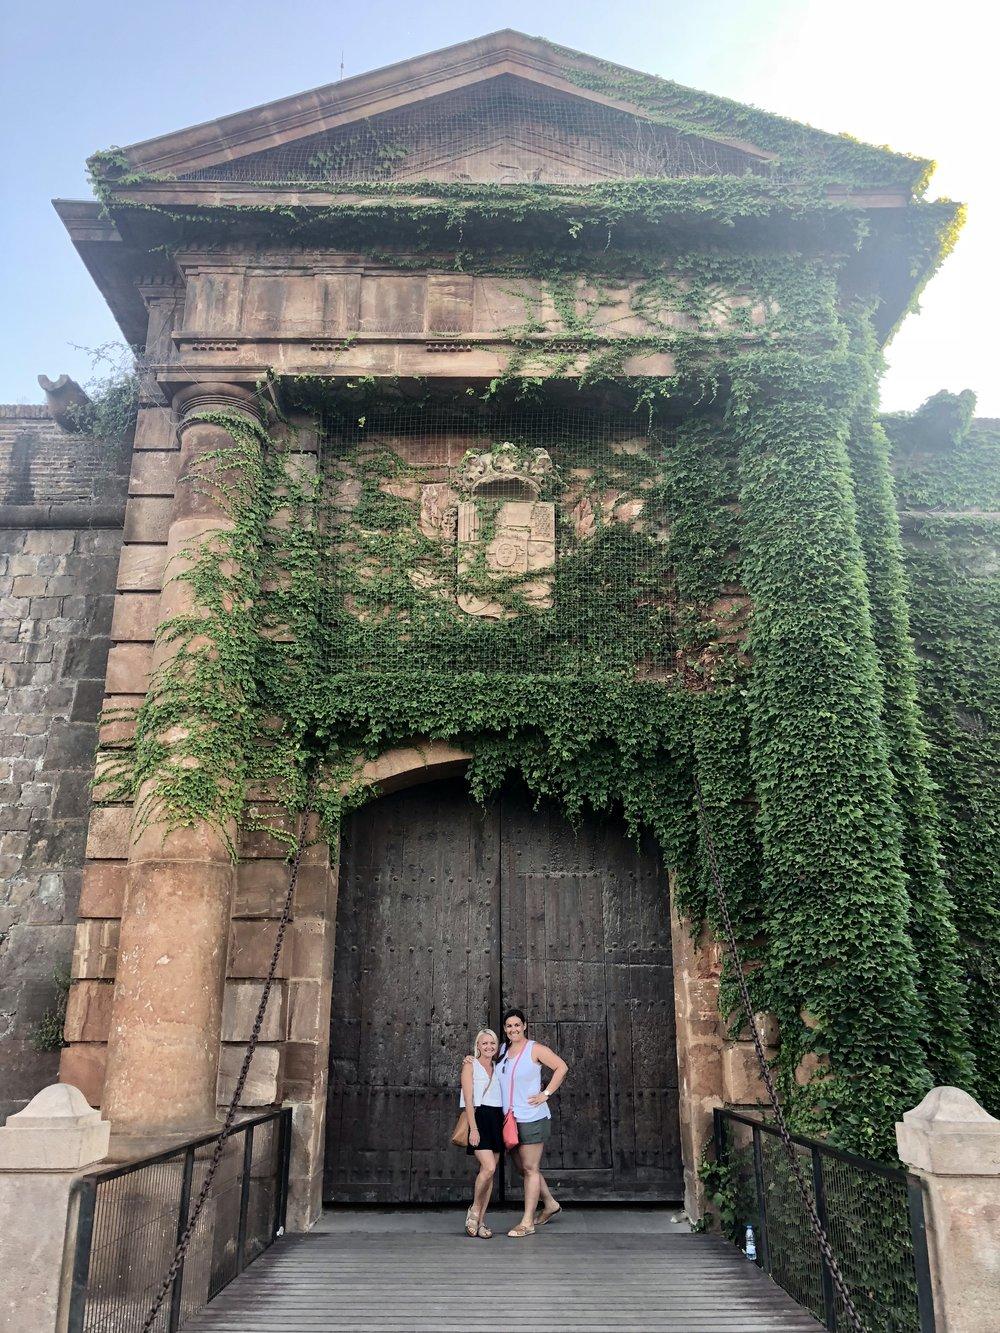 Montjuic Castle gate